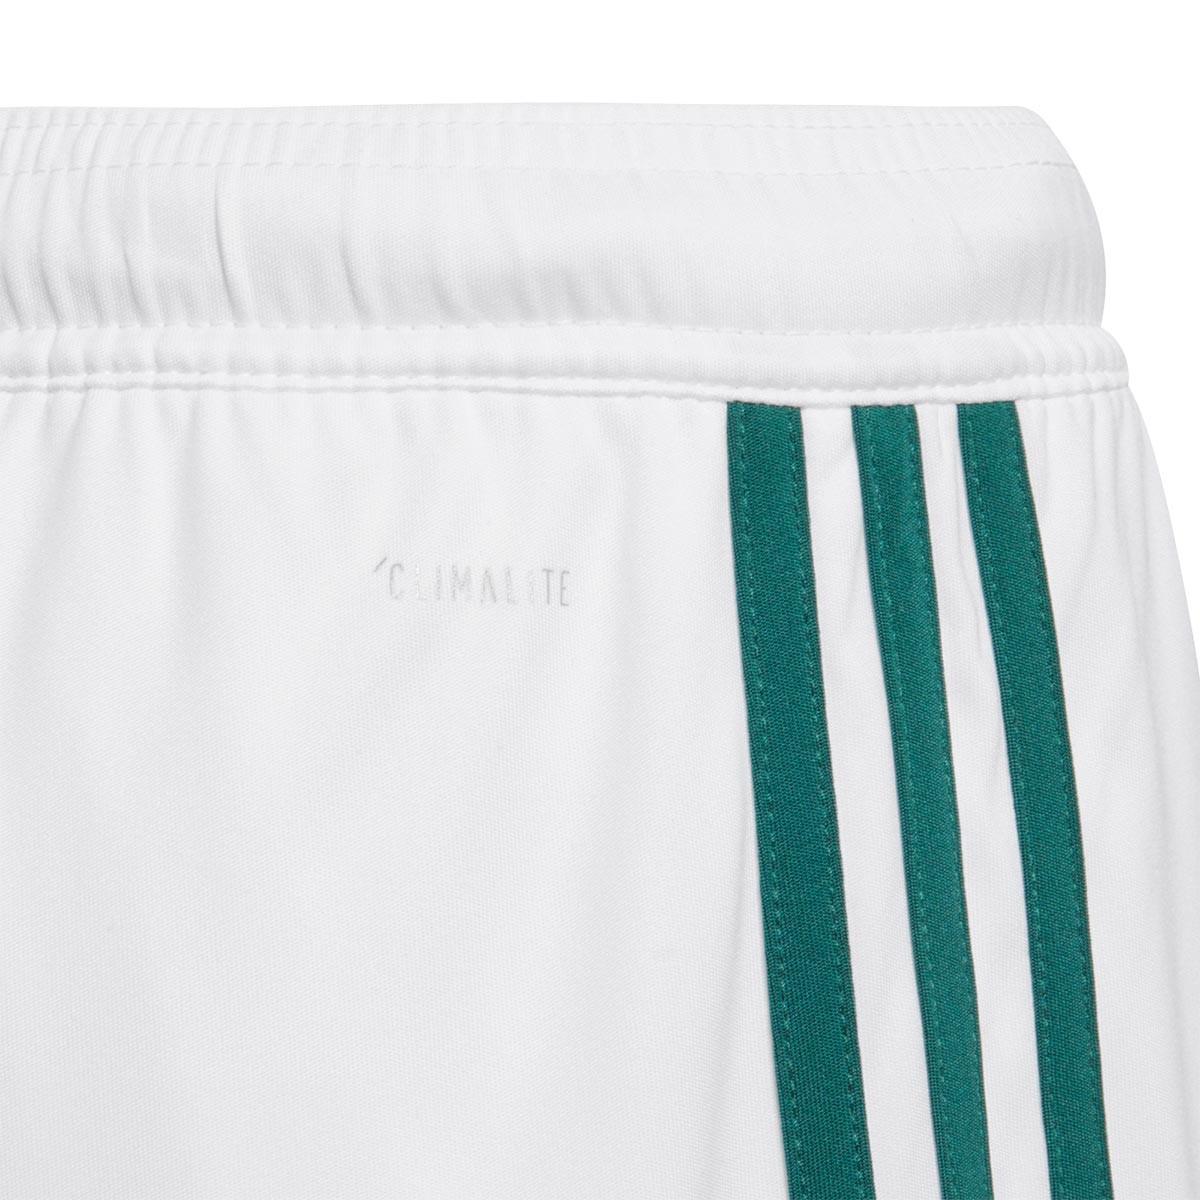 Equipación 2017 Niño White Mexico Primera Adidas Pantalón 2018 Corto qwWO0XnnI